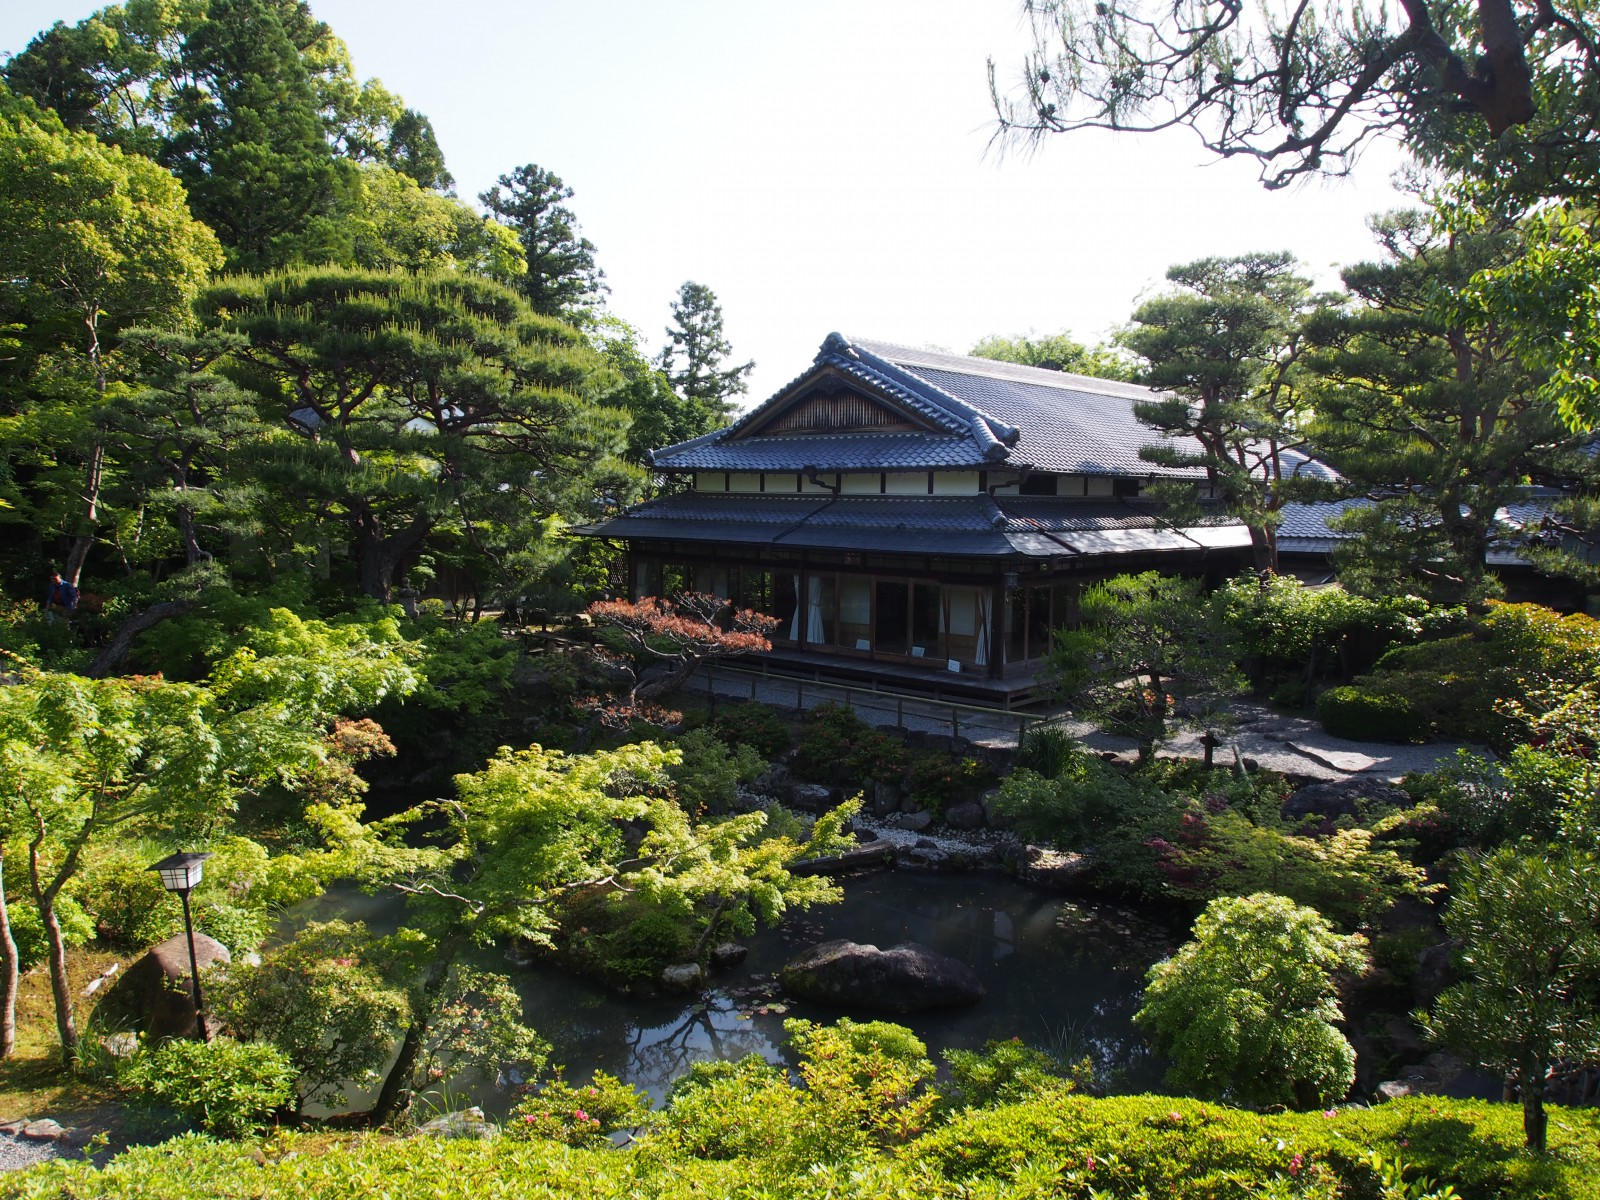 吉城園「池の庭」と旧正法院家住宅